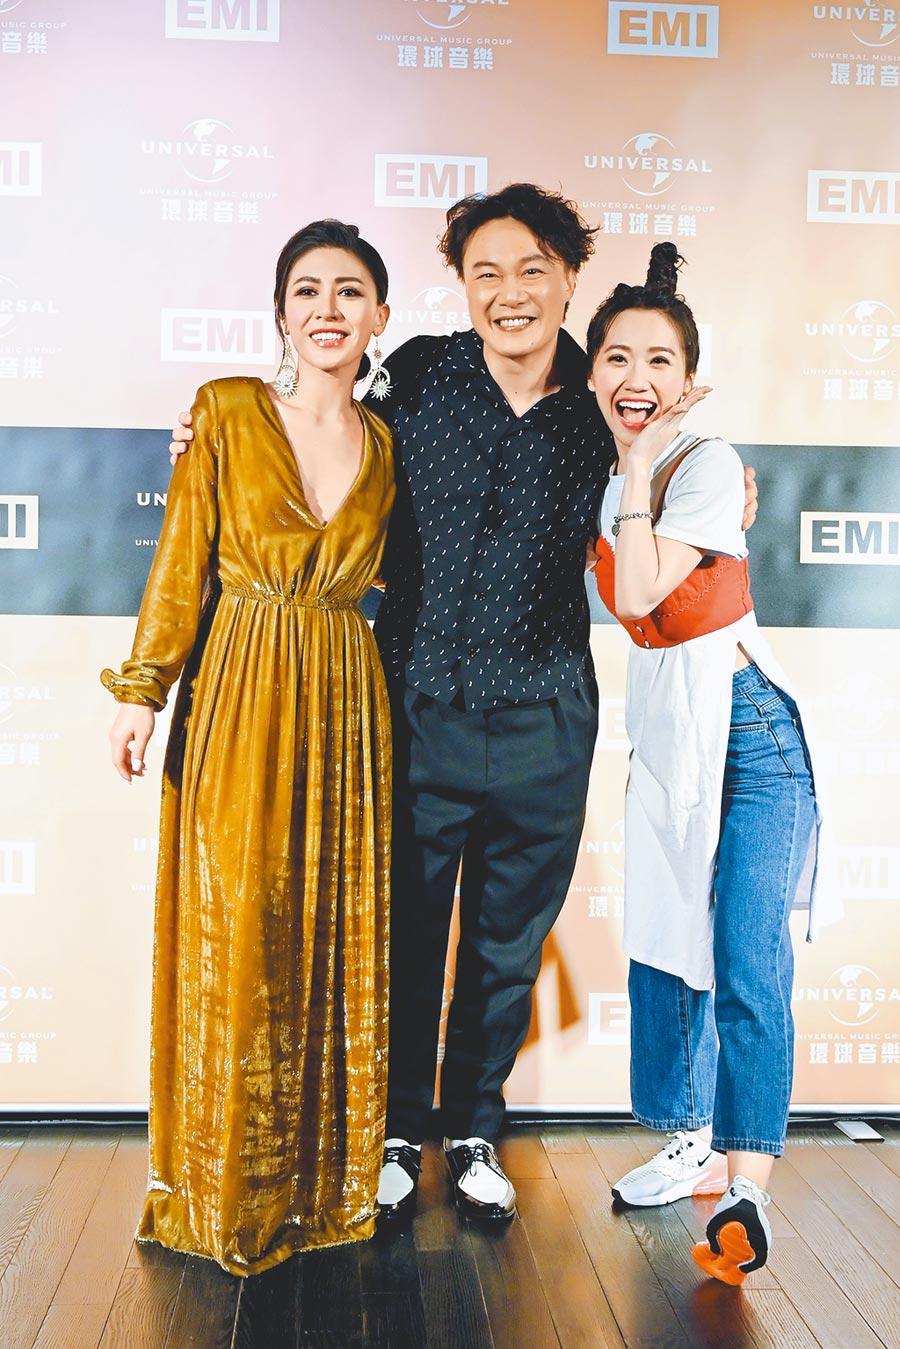 艾怡良(左起)、陳奕迅、LuLu在金曲獎結束後,齊聚環球EMI慶功宴。